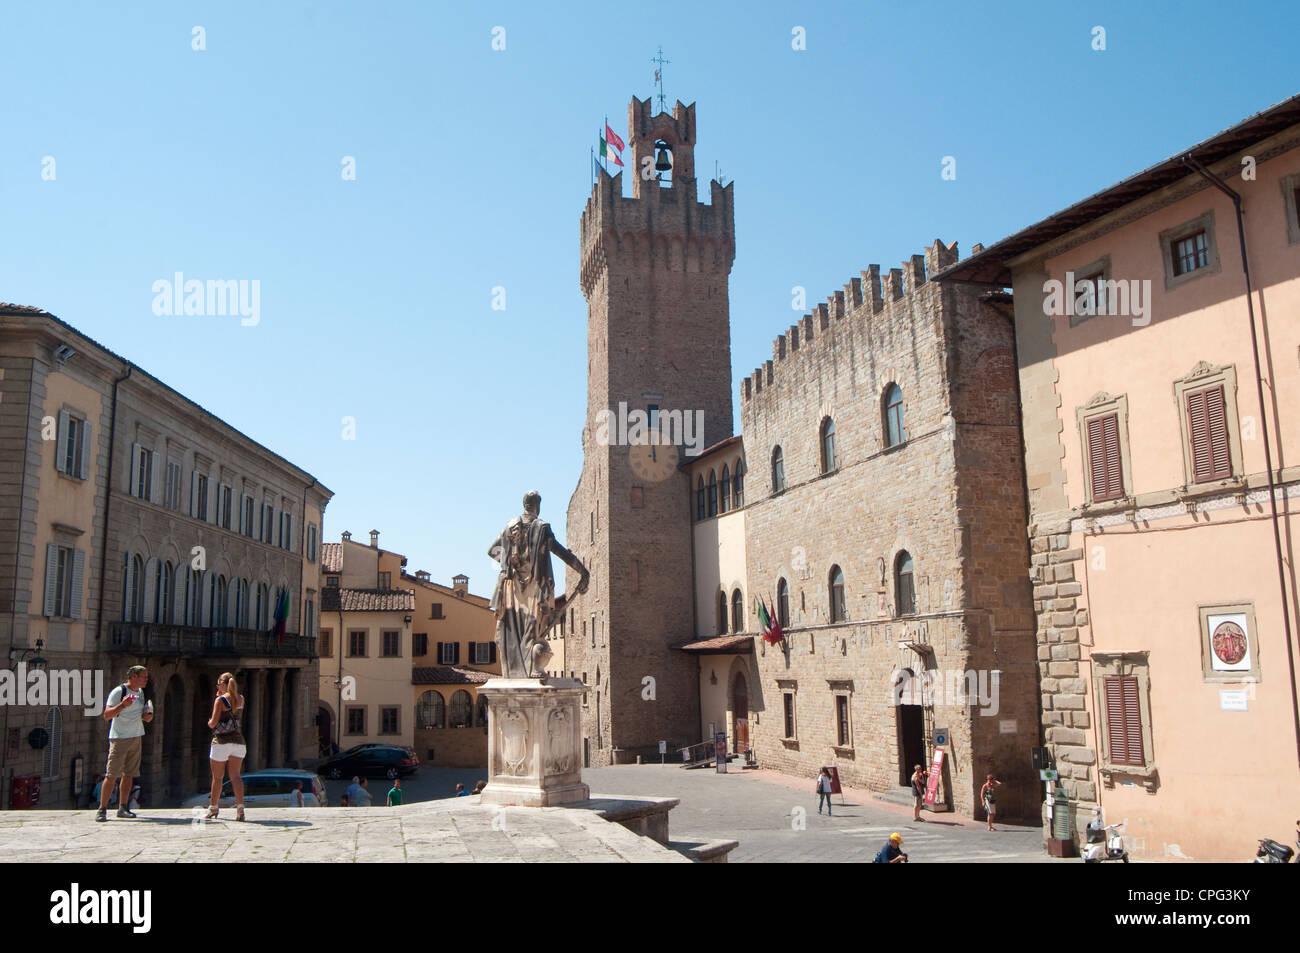 Italy, Tuscany, Arezzo, Piazza della Liberta Square, Town Hall - Stock Image